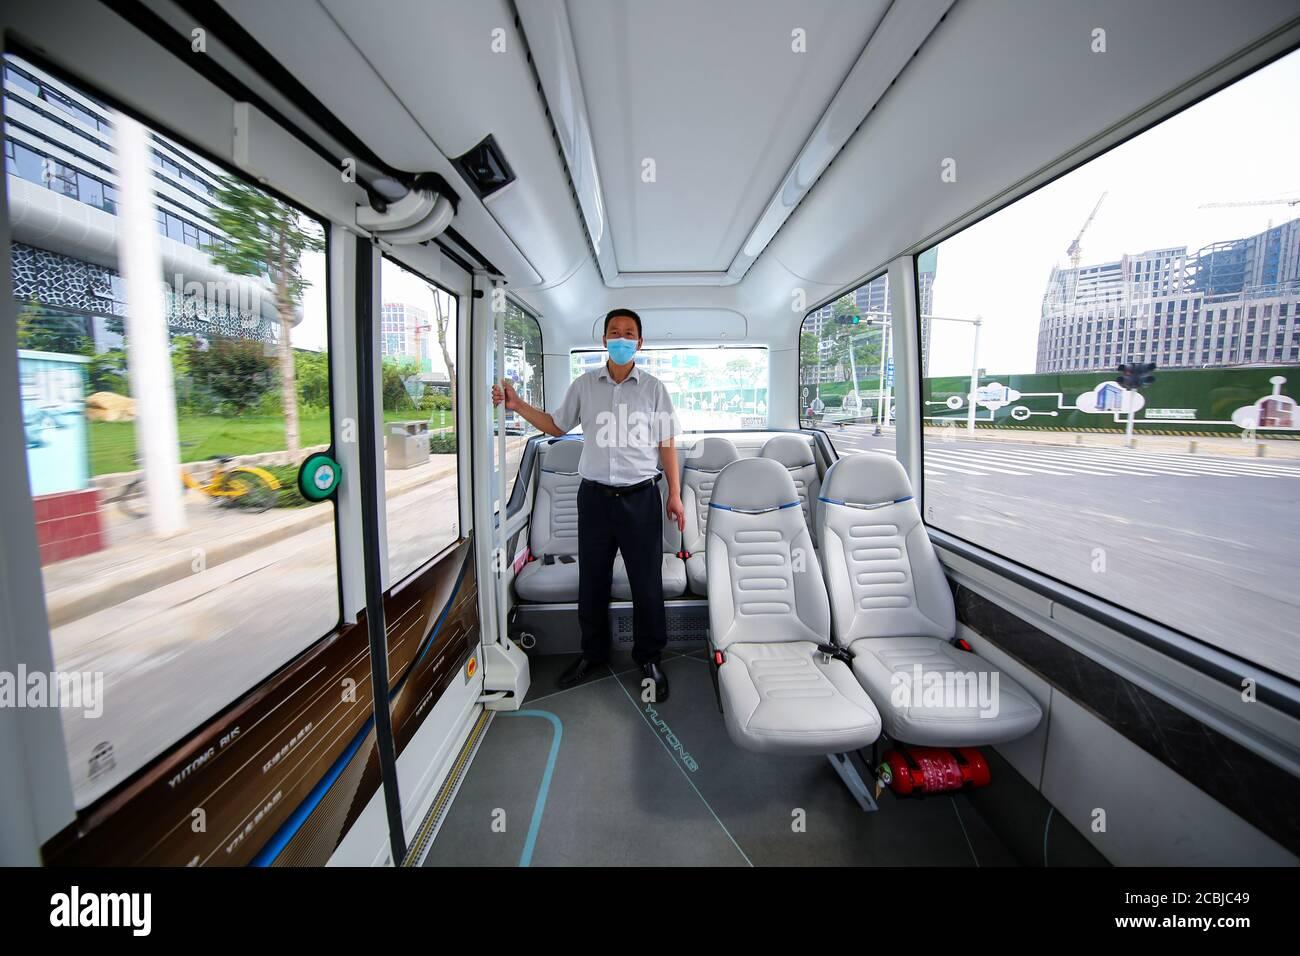 """Zhengzhou, Zhengzhou, China. 14 de agosto de 2020. Henaní¯Â¼Å'CHINA-el 11 de agosto de 2020, henan zhengzhou, zhengdong nuevo distrito dar Sabiduría isla lago bucle, yutong autobús de conducción automatizada ha estado funcionando durante un año, que se basa en 5 g de L4 autobús de conducción automatizada tienen muy inteligente, conducido y autónomo evitar obstáculos, Los compañeros de la intersección de la patrulla, como la tarea, pueden ser precisos, completos, también pueden identificar ambulancias, motores de bomberos, etc. y tomar la iniciativa para dar paso. """"La nube ubicua de la carretera inteligente del coche inteligente"""" está trayendo grandes cambios a los viajes de los ciudadanos de zhengzhou. A pesar de estar en funcionamiento Foto de stock"""